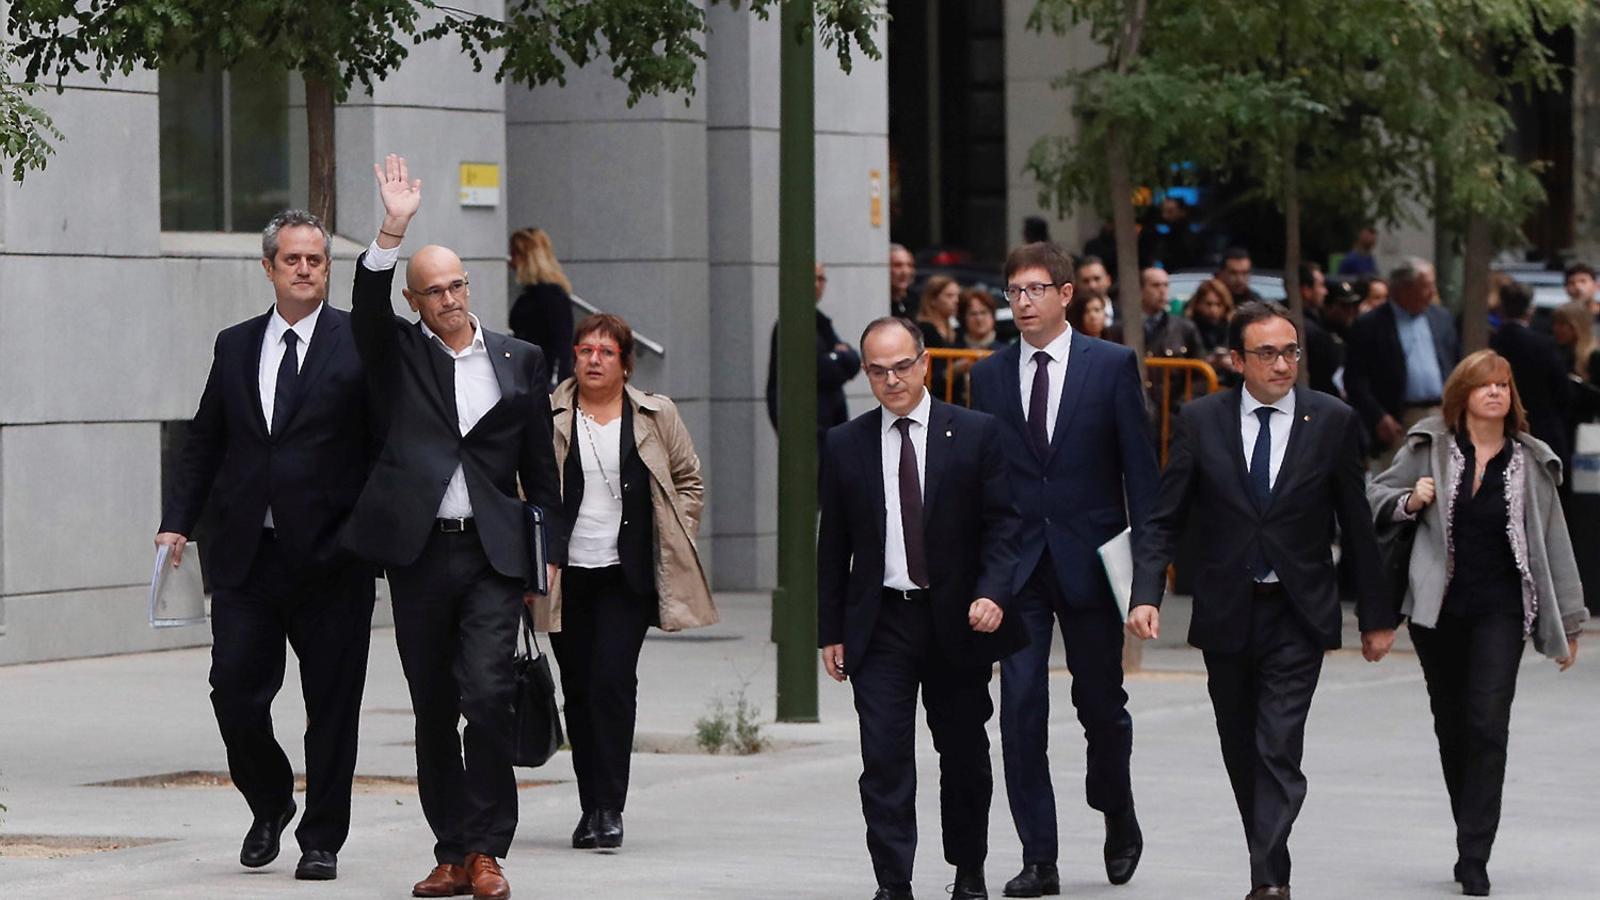 L'Advocacia de l'Estat es desmarca de la Fiscalia: demana 12 anys de presó per a Junqueras i descarta la violència